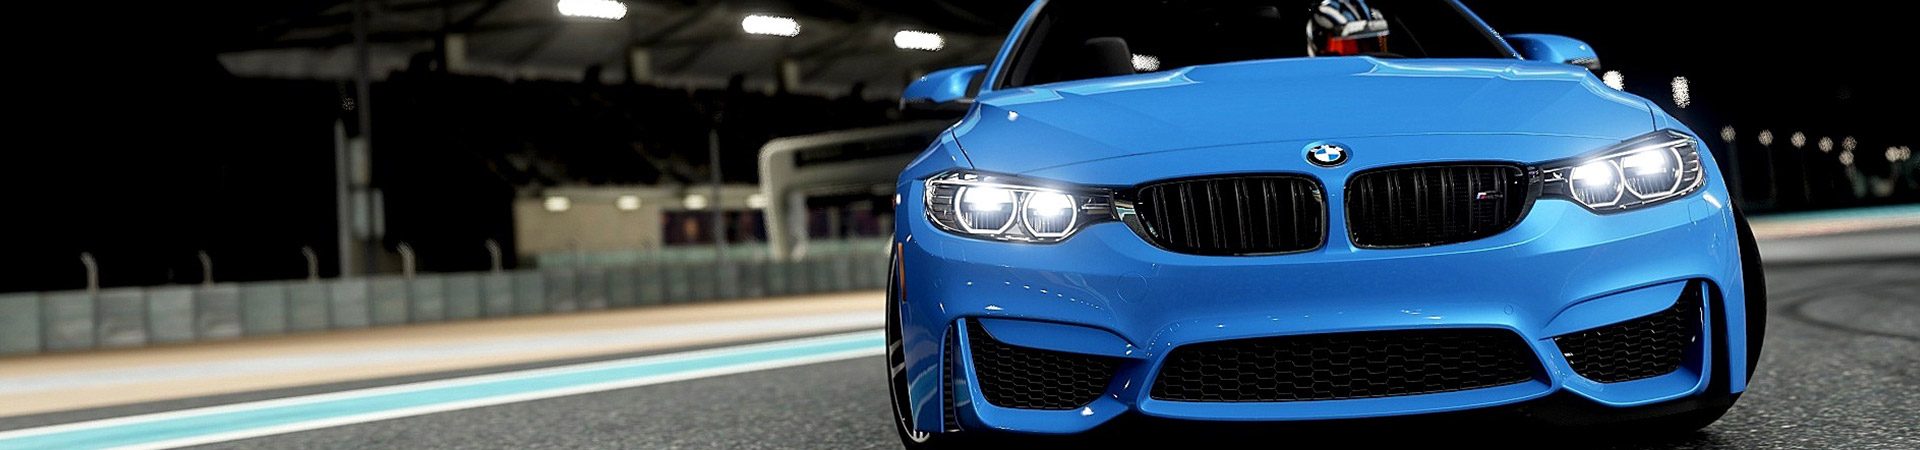 F1 Sportwagen -BMW